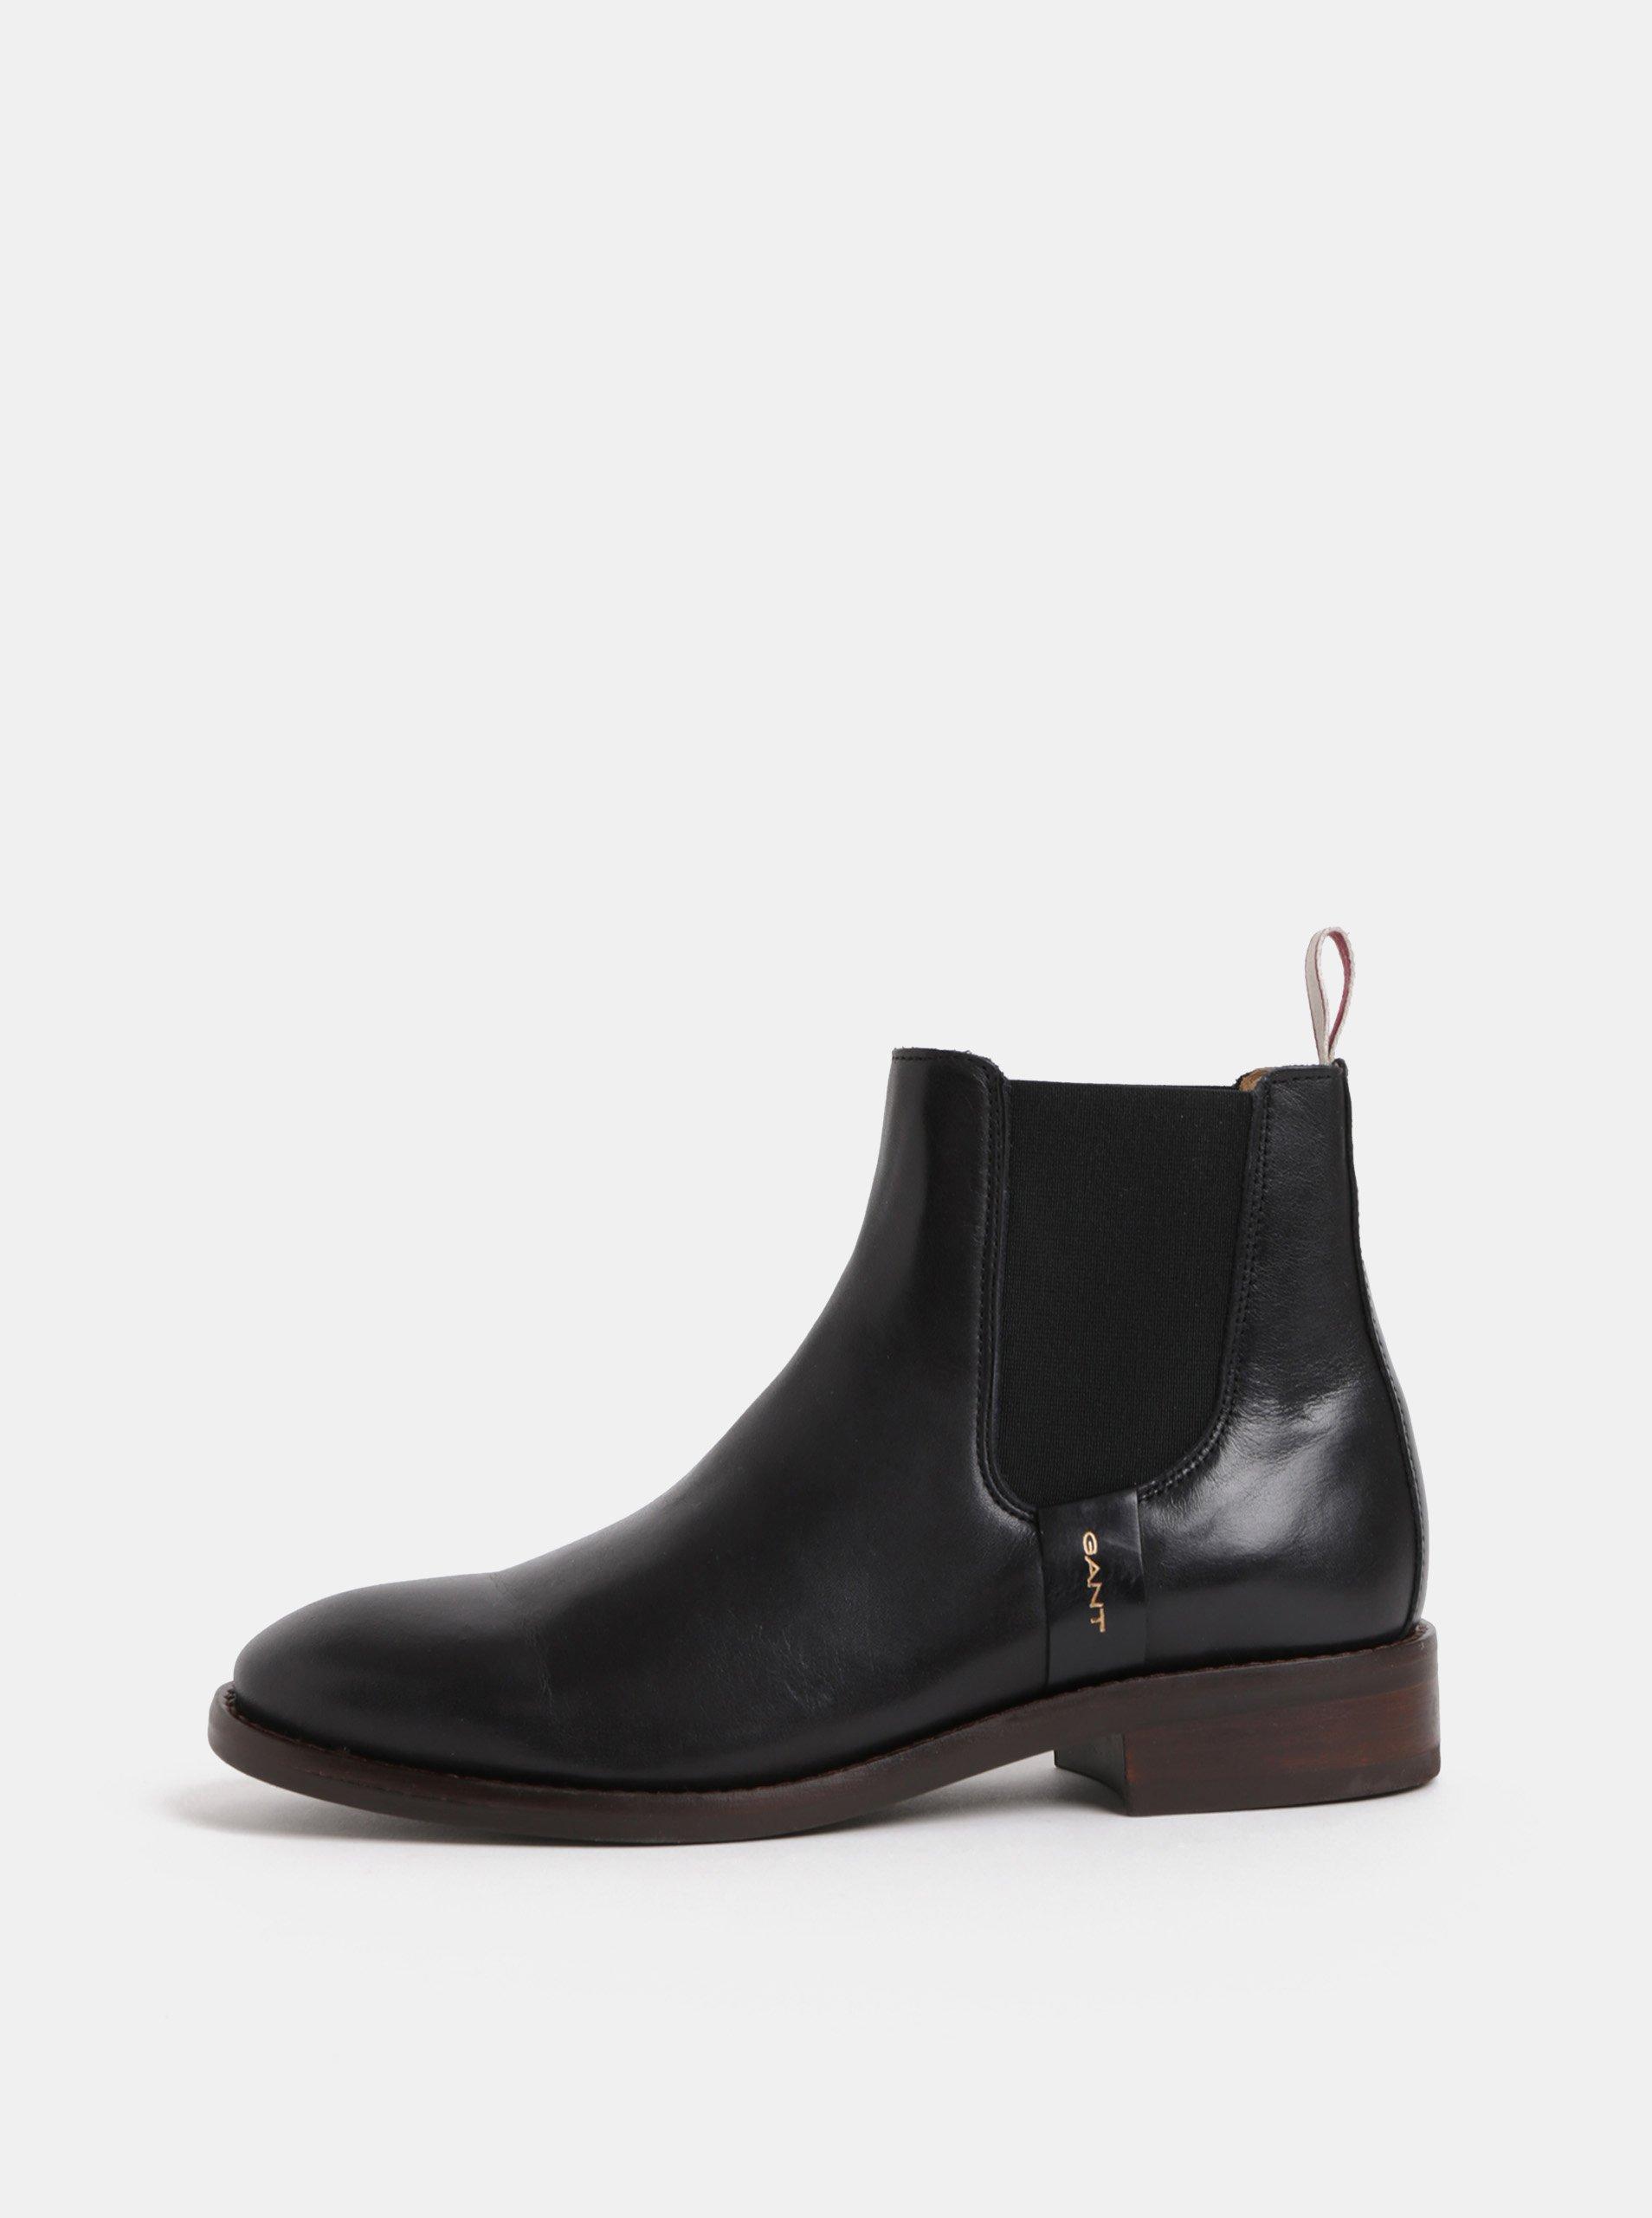 Čierne dámske kožené chelsea topánky GANT Fay  432149a1aee